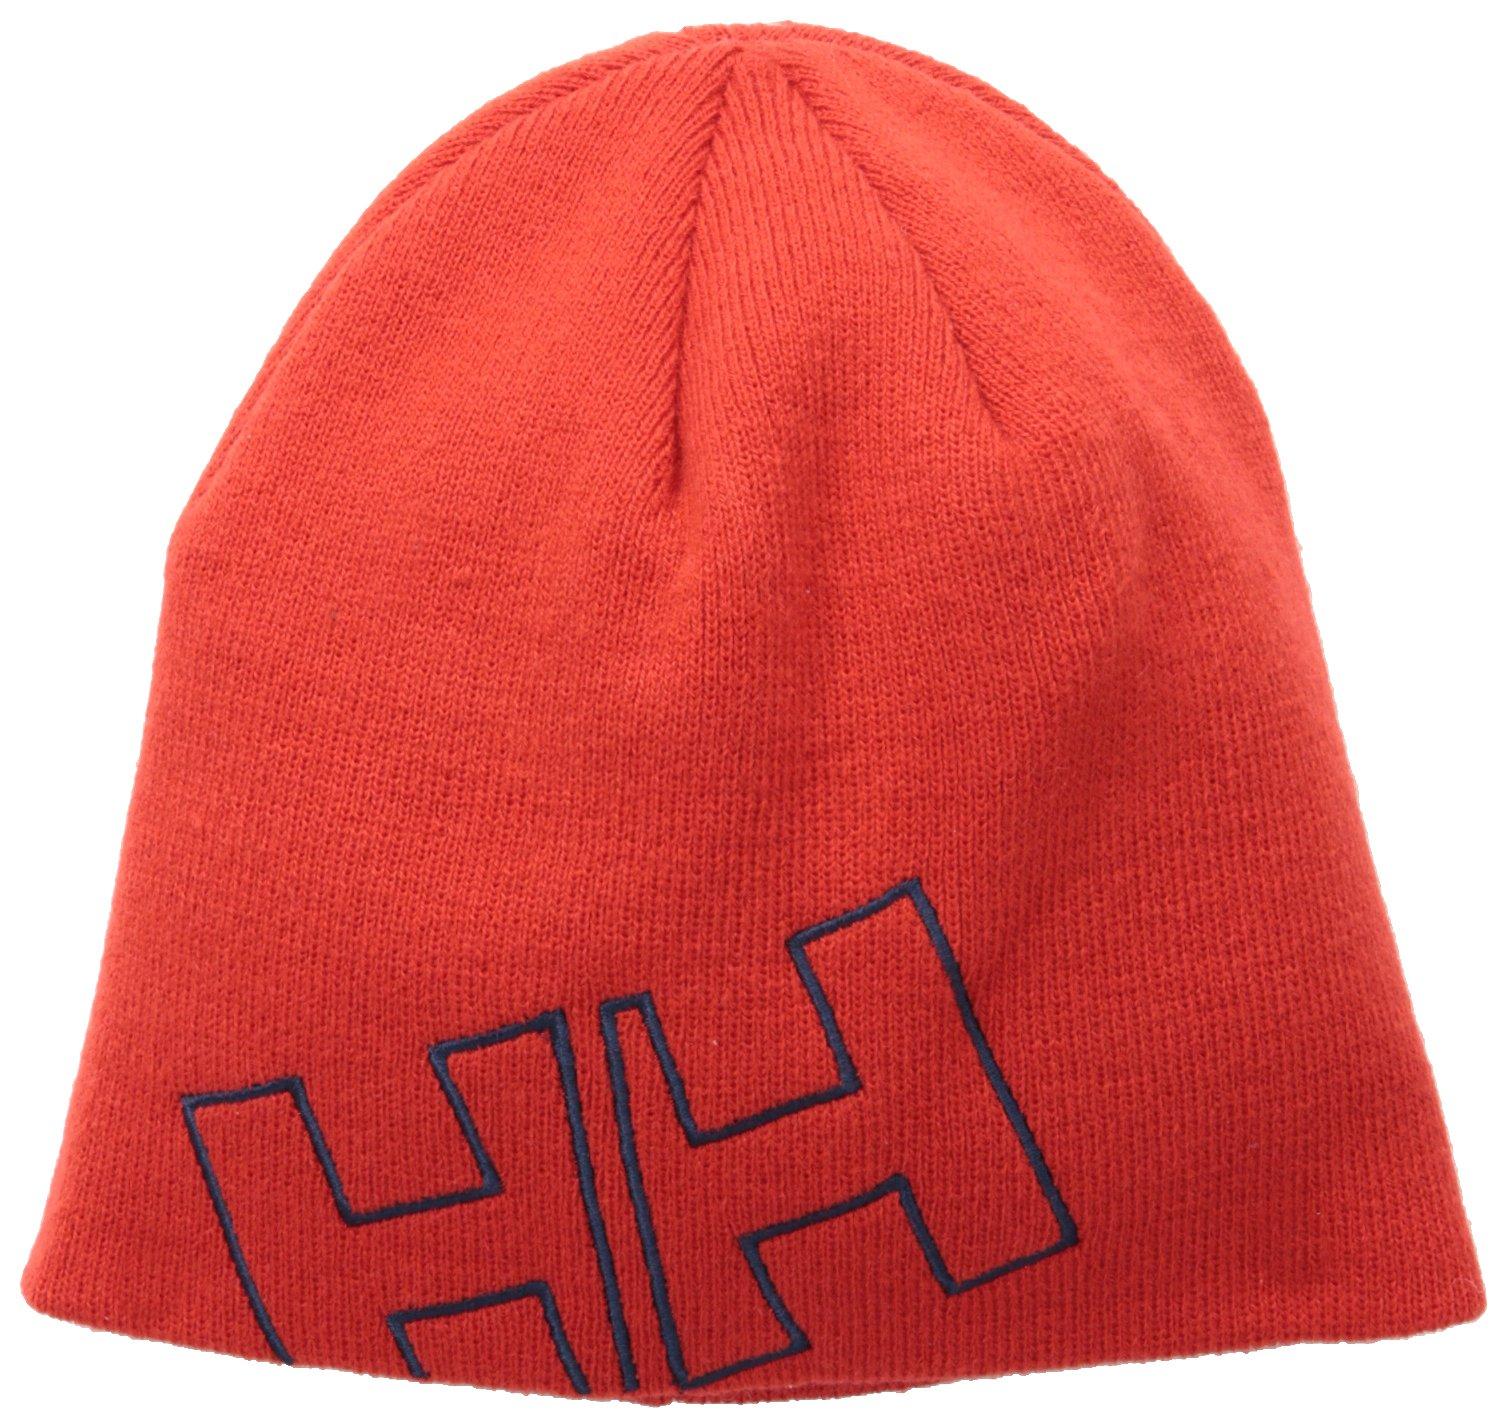 Helly Hansen K Outline Beanie, Alert Red, 5